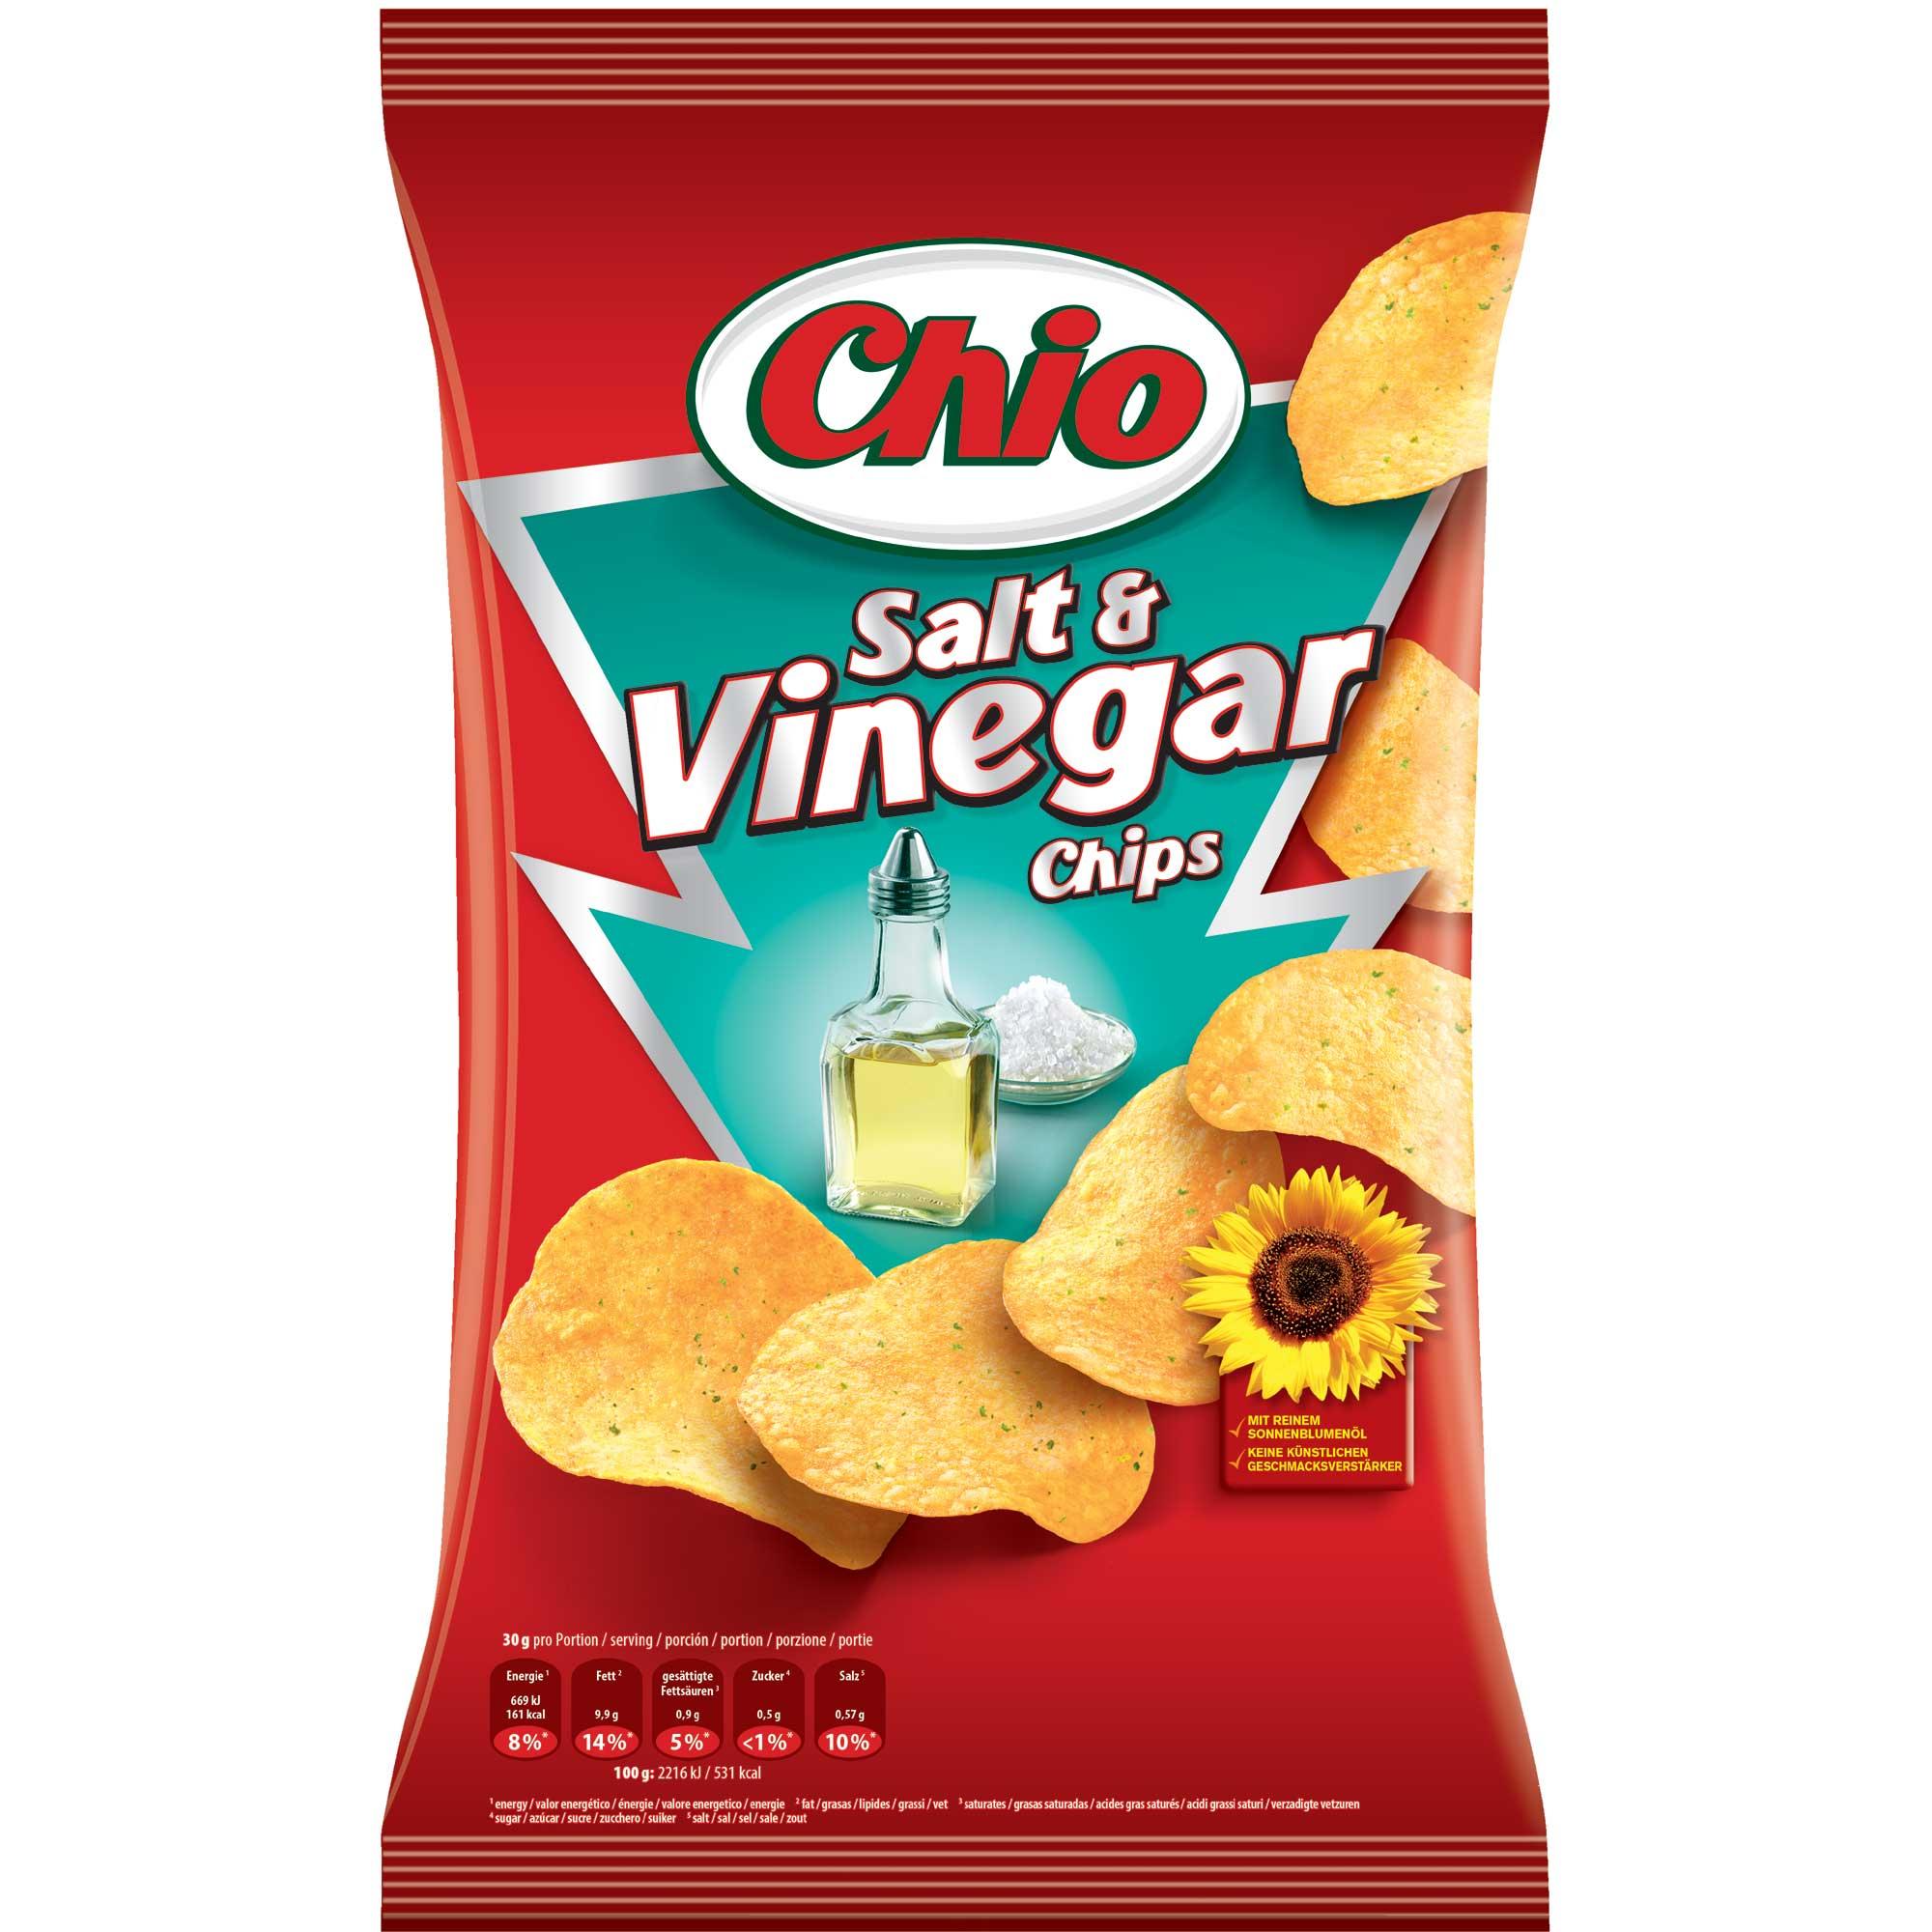 Chio Chips, verschiedene Sorten bei Kaufland für 1,11€ statt 1,89€ (vom 20.10.-26.10.2016)